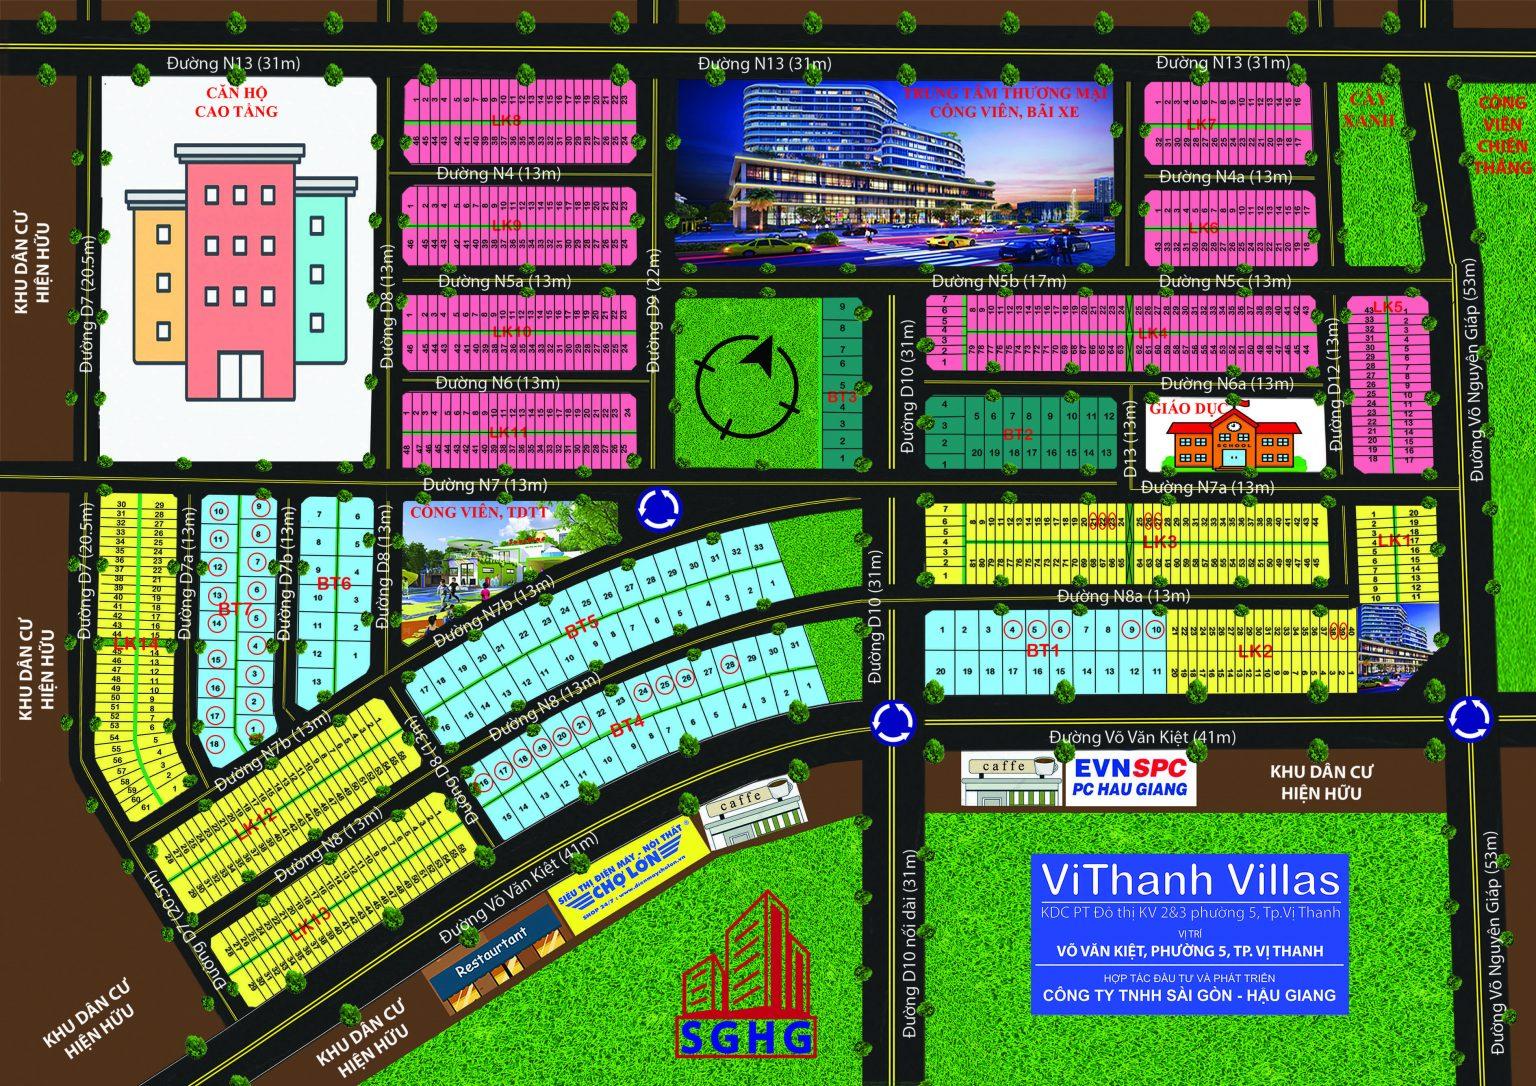 Mặt bằng tổng thể dự án ViThanh Villas